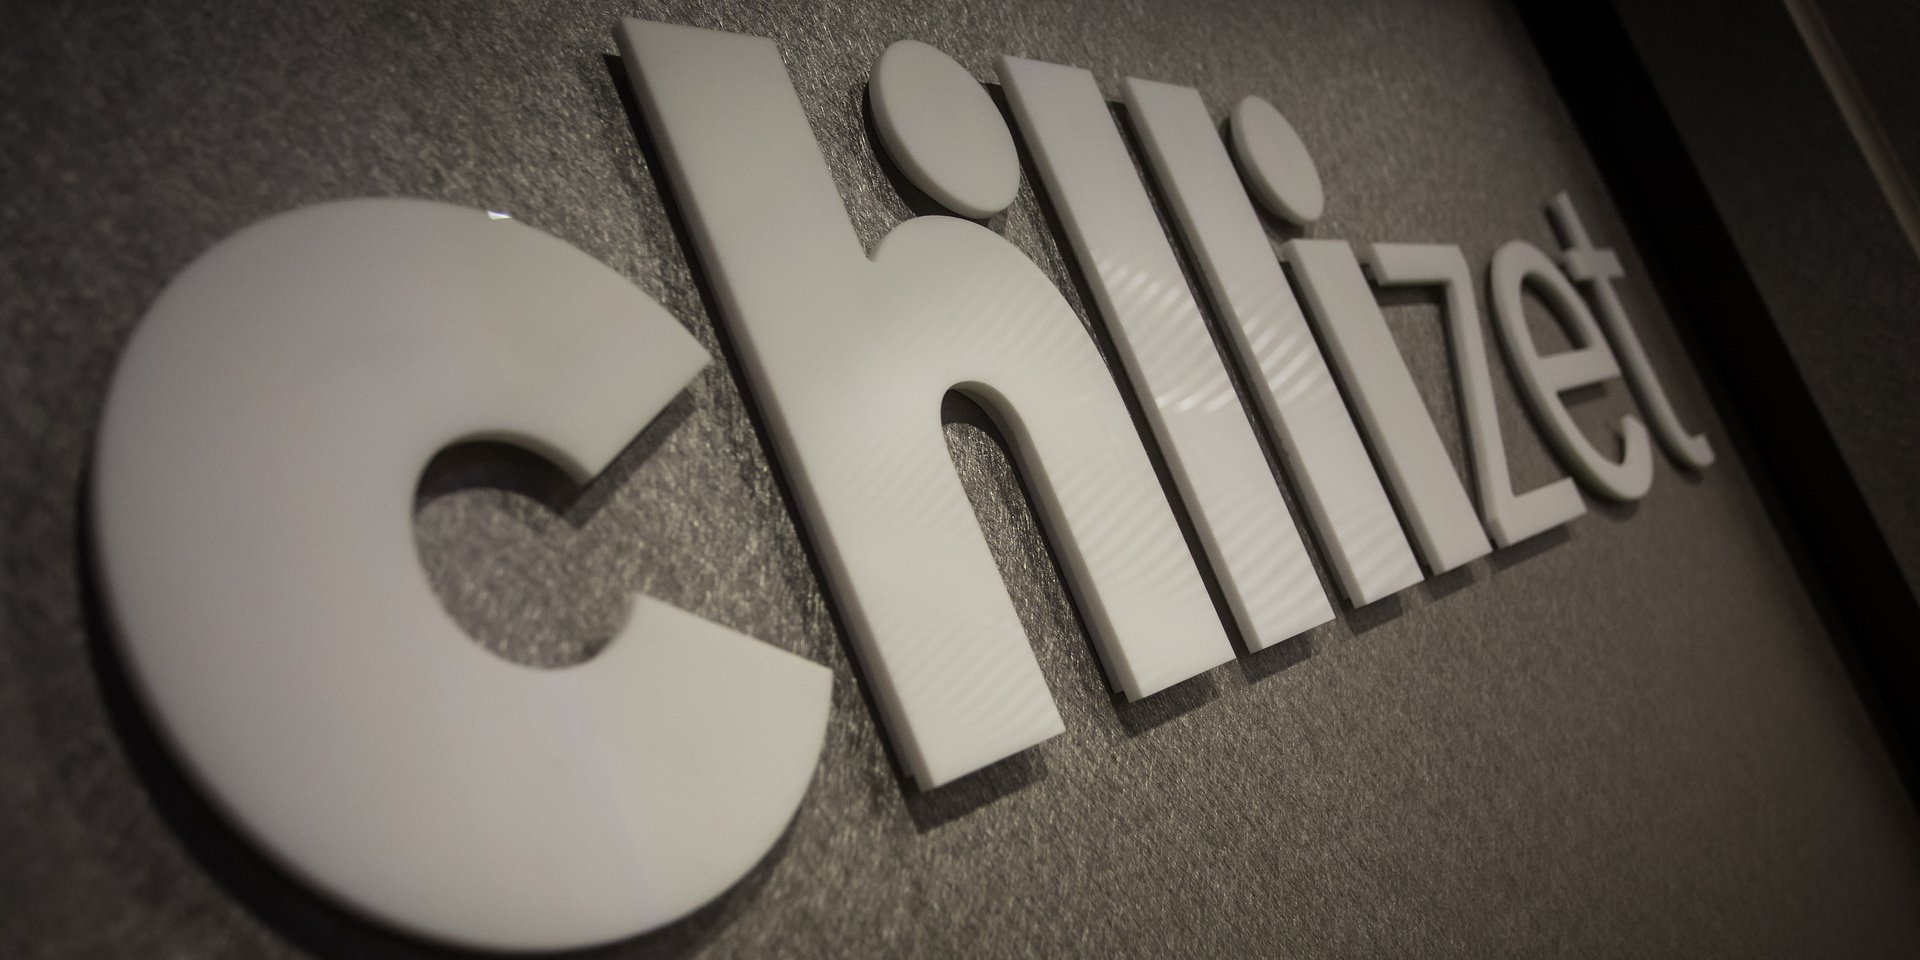 Nowa dyrektor muzyczna Chillizet